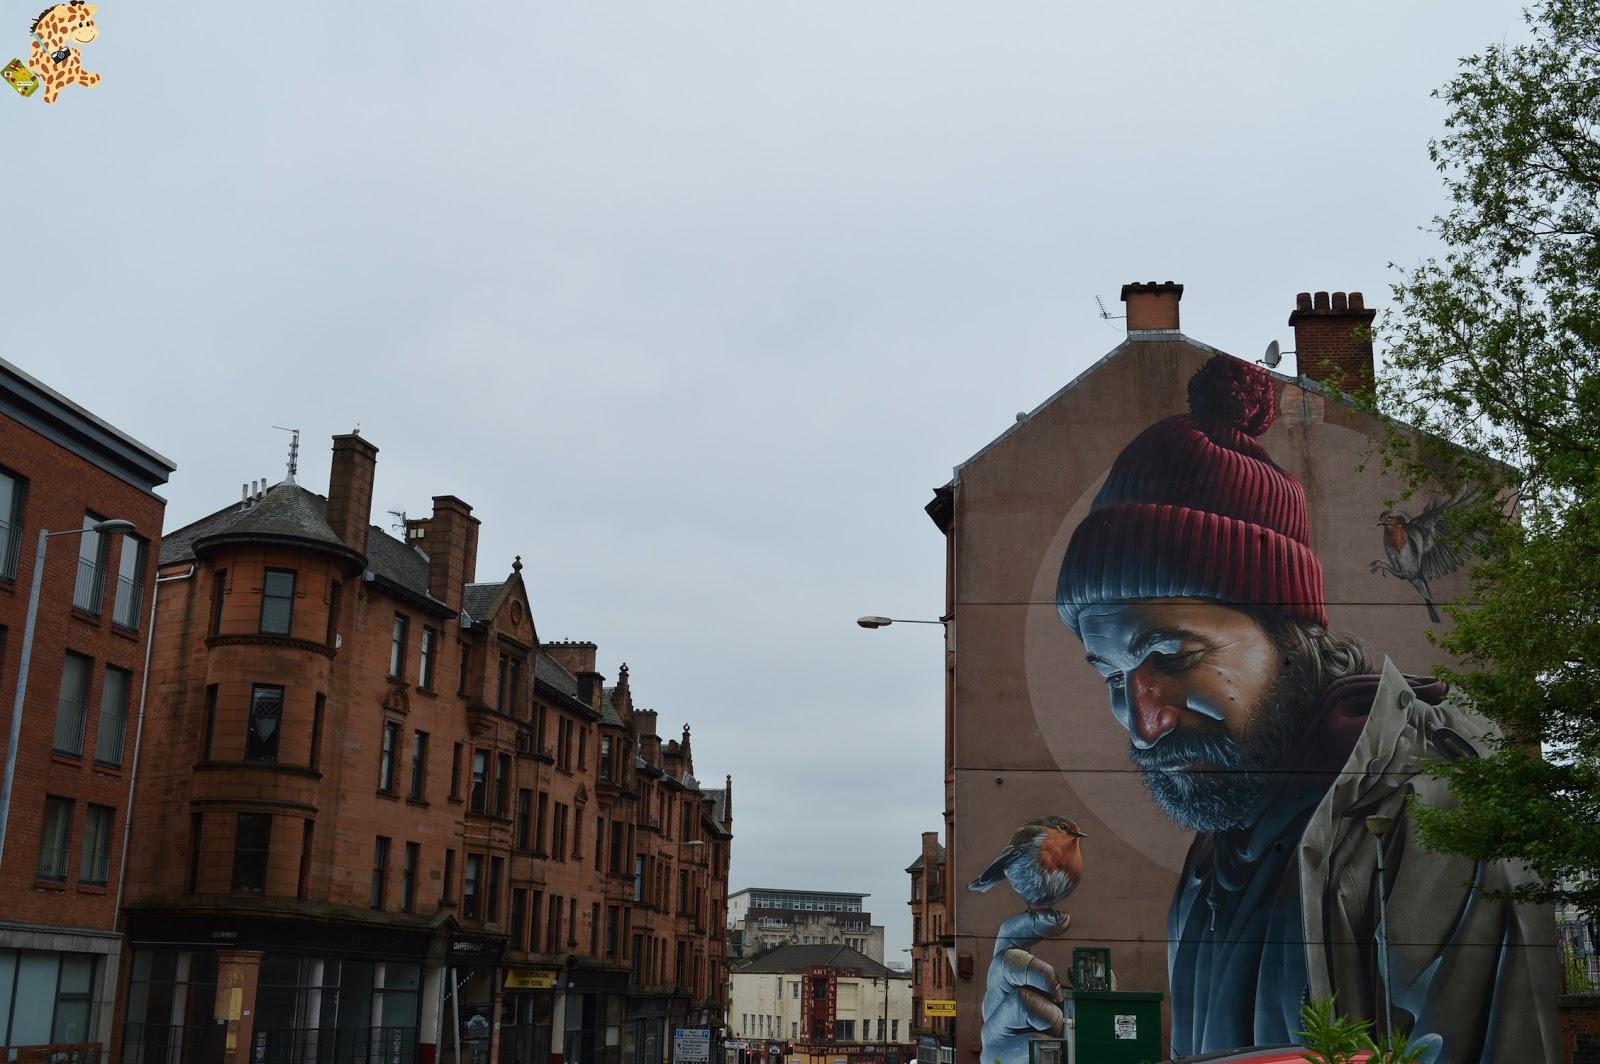 quC3A9verenglasgow glasgowen1dC3ADa281229 - Glasgow en 1 día: qué ver